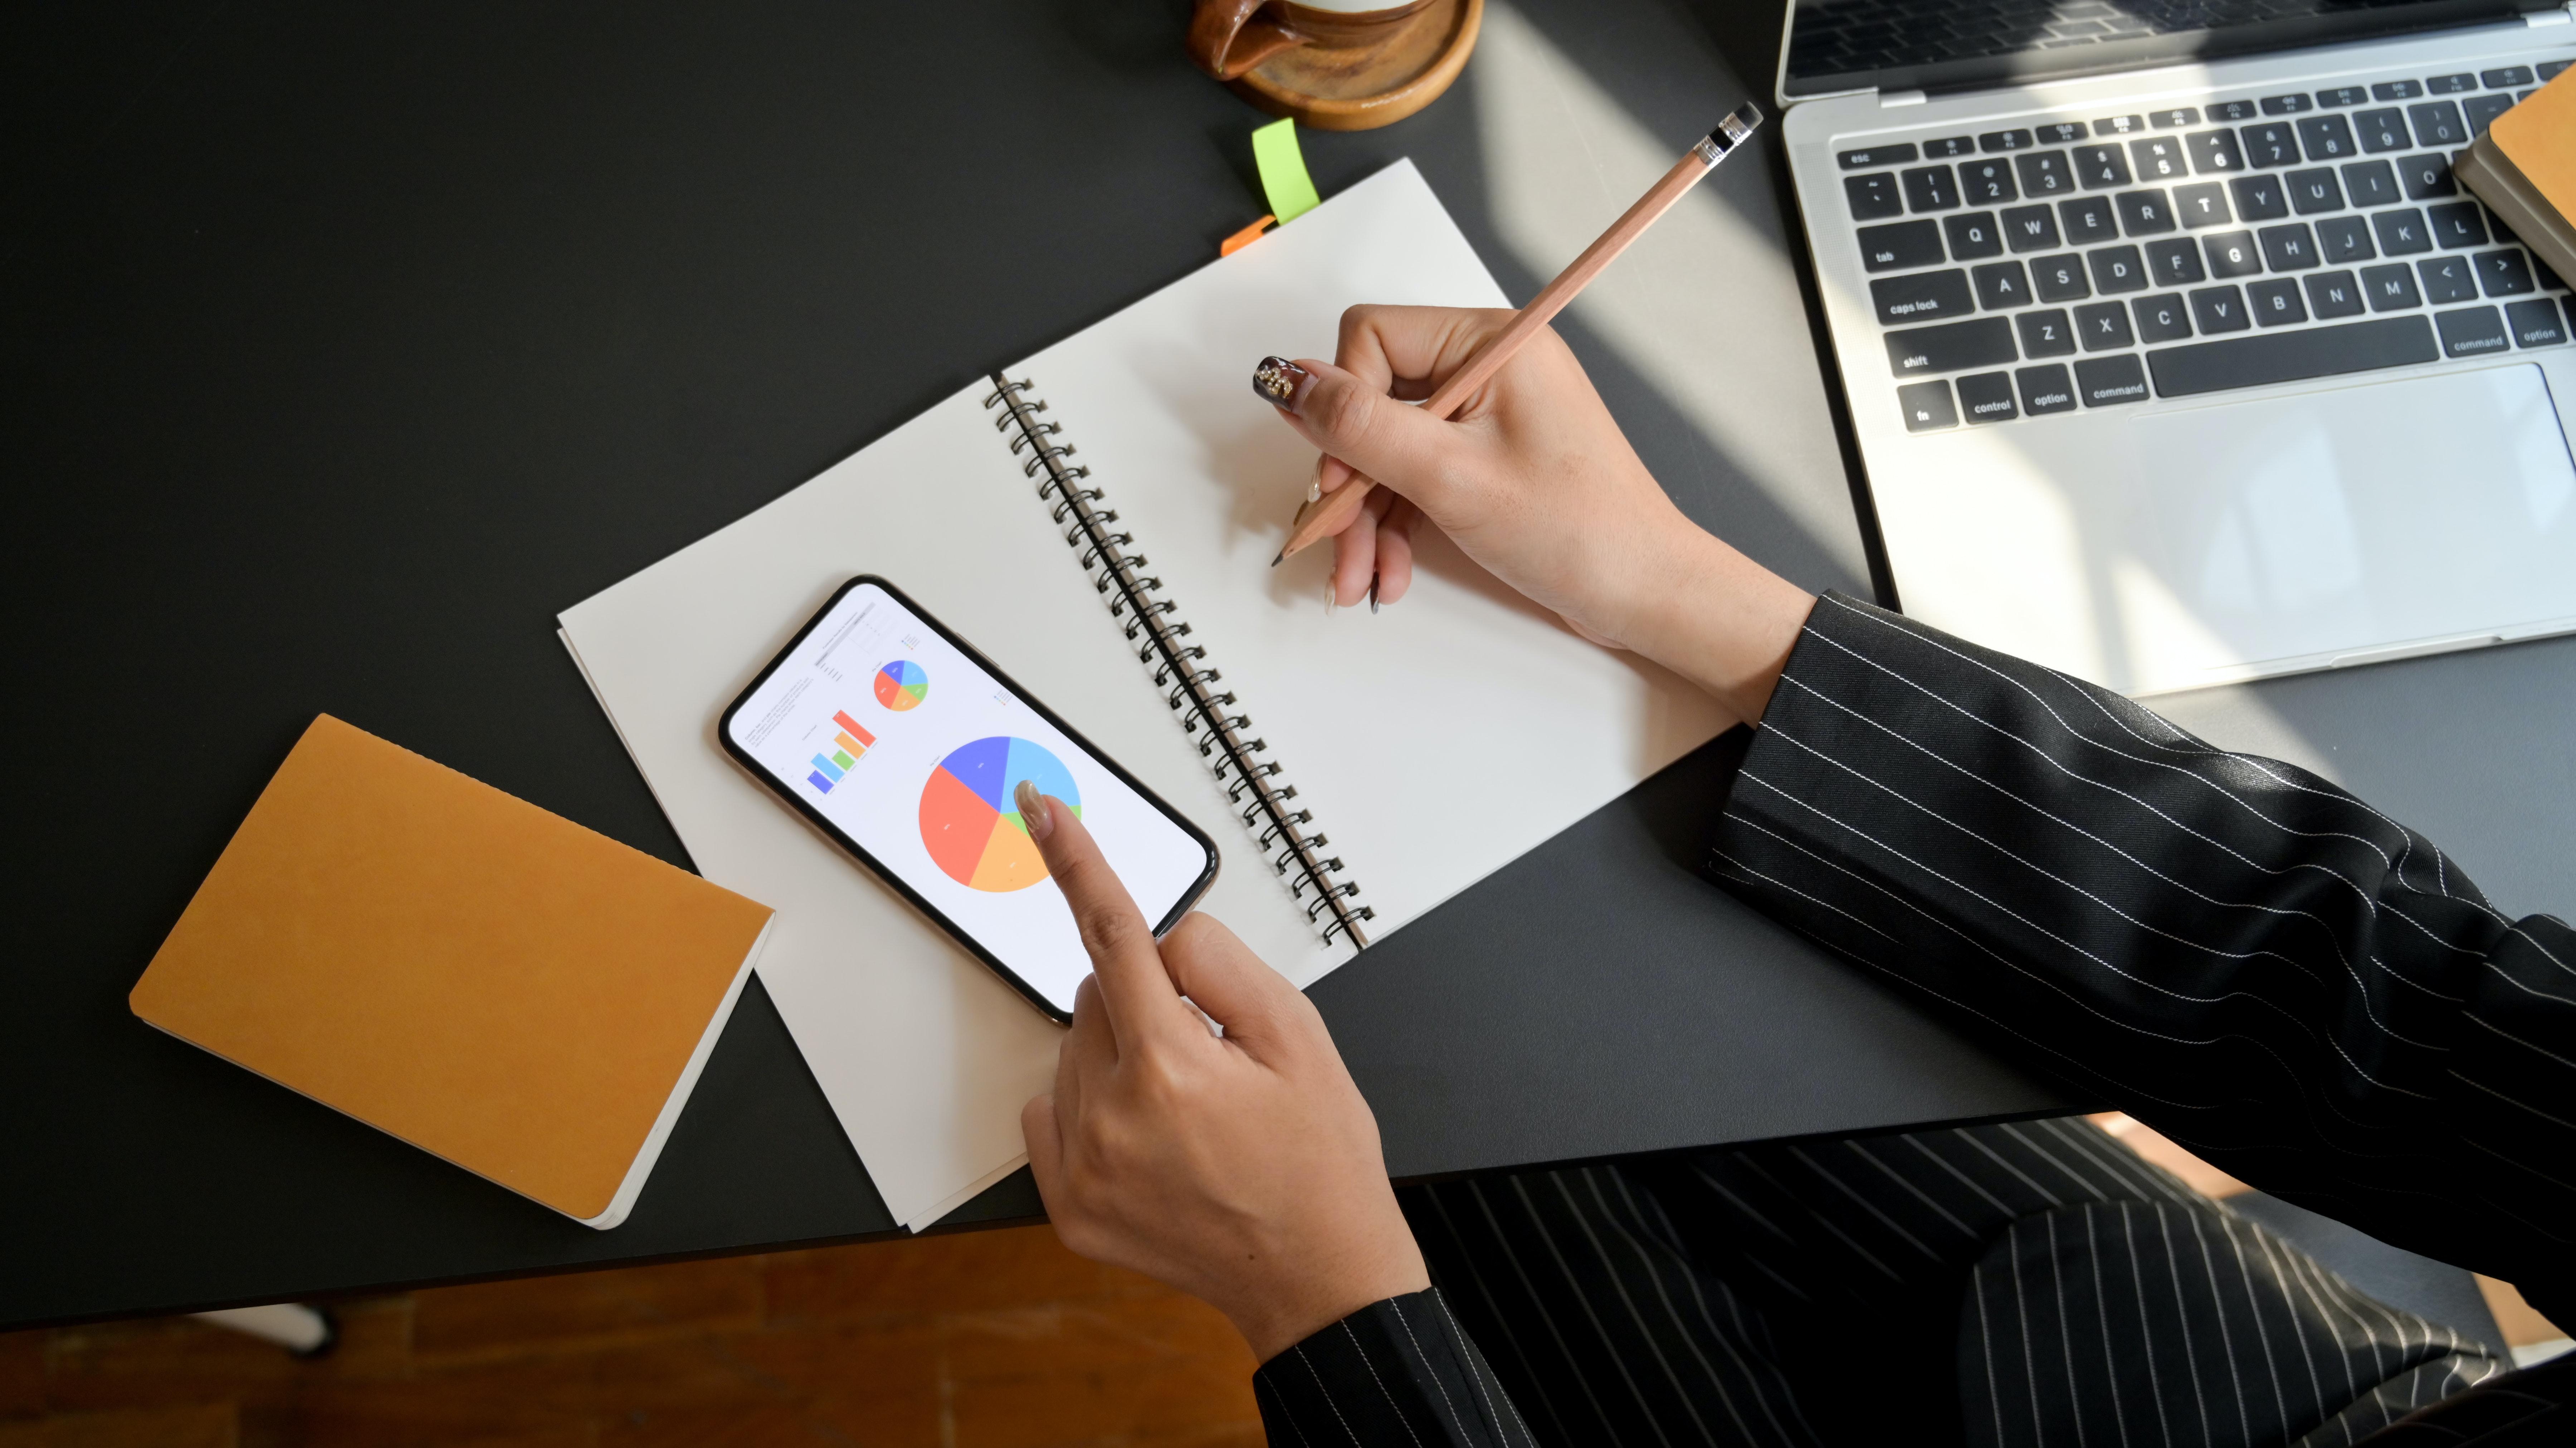 Конкуренция в онлайн-торговле: десять шагов как обойти конкурентов